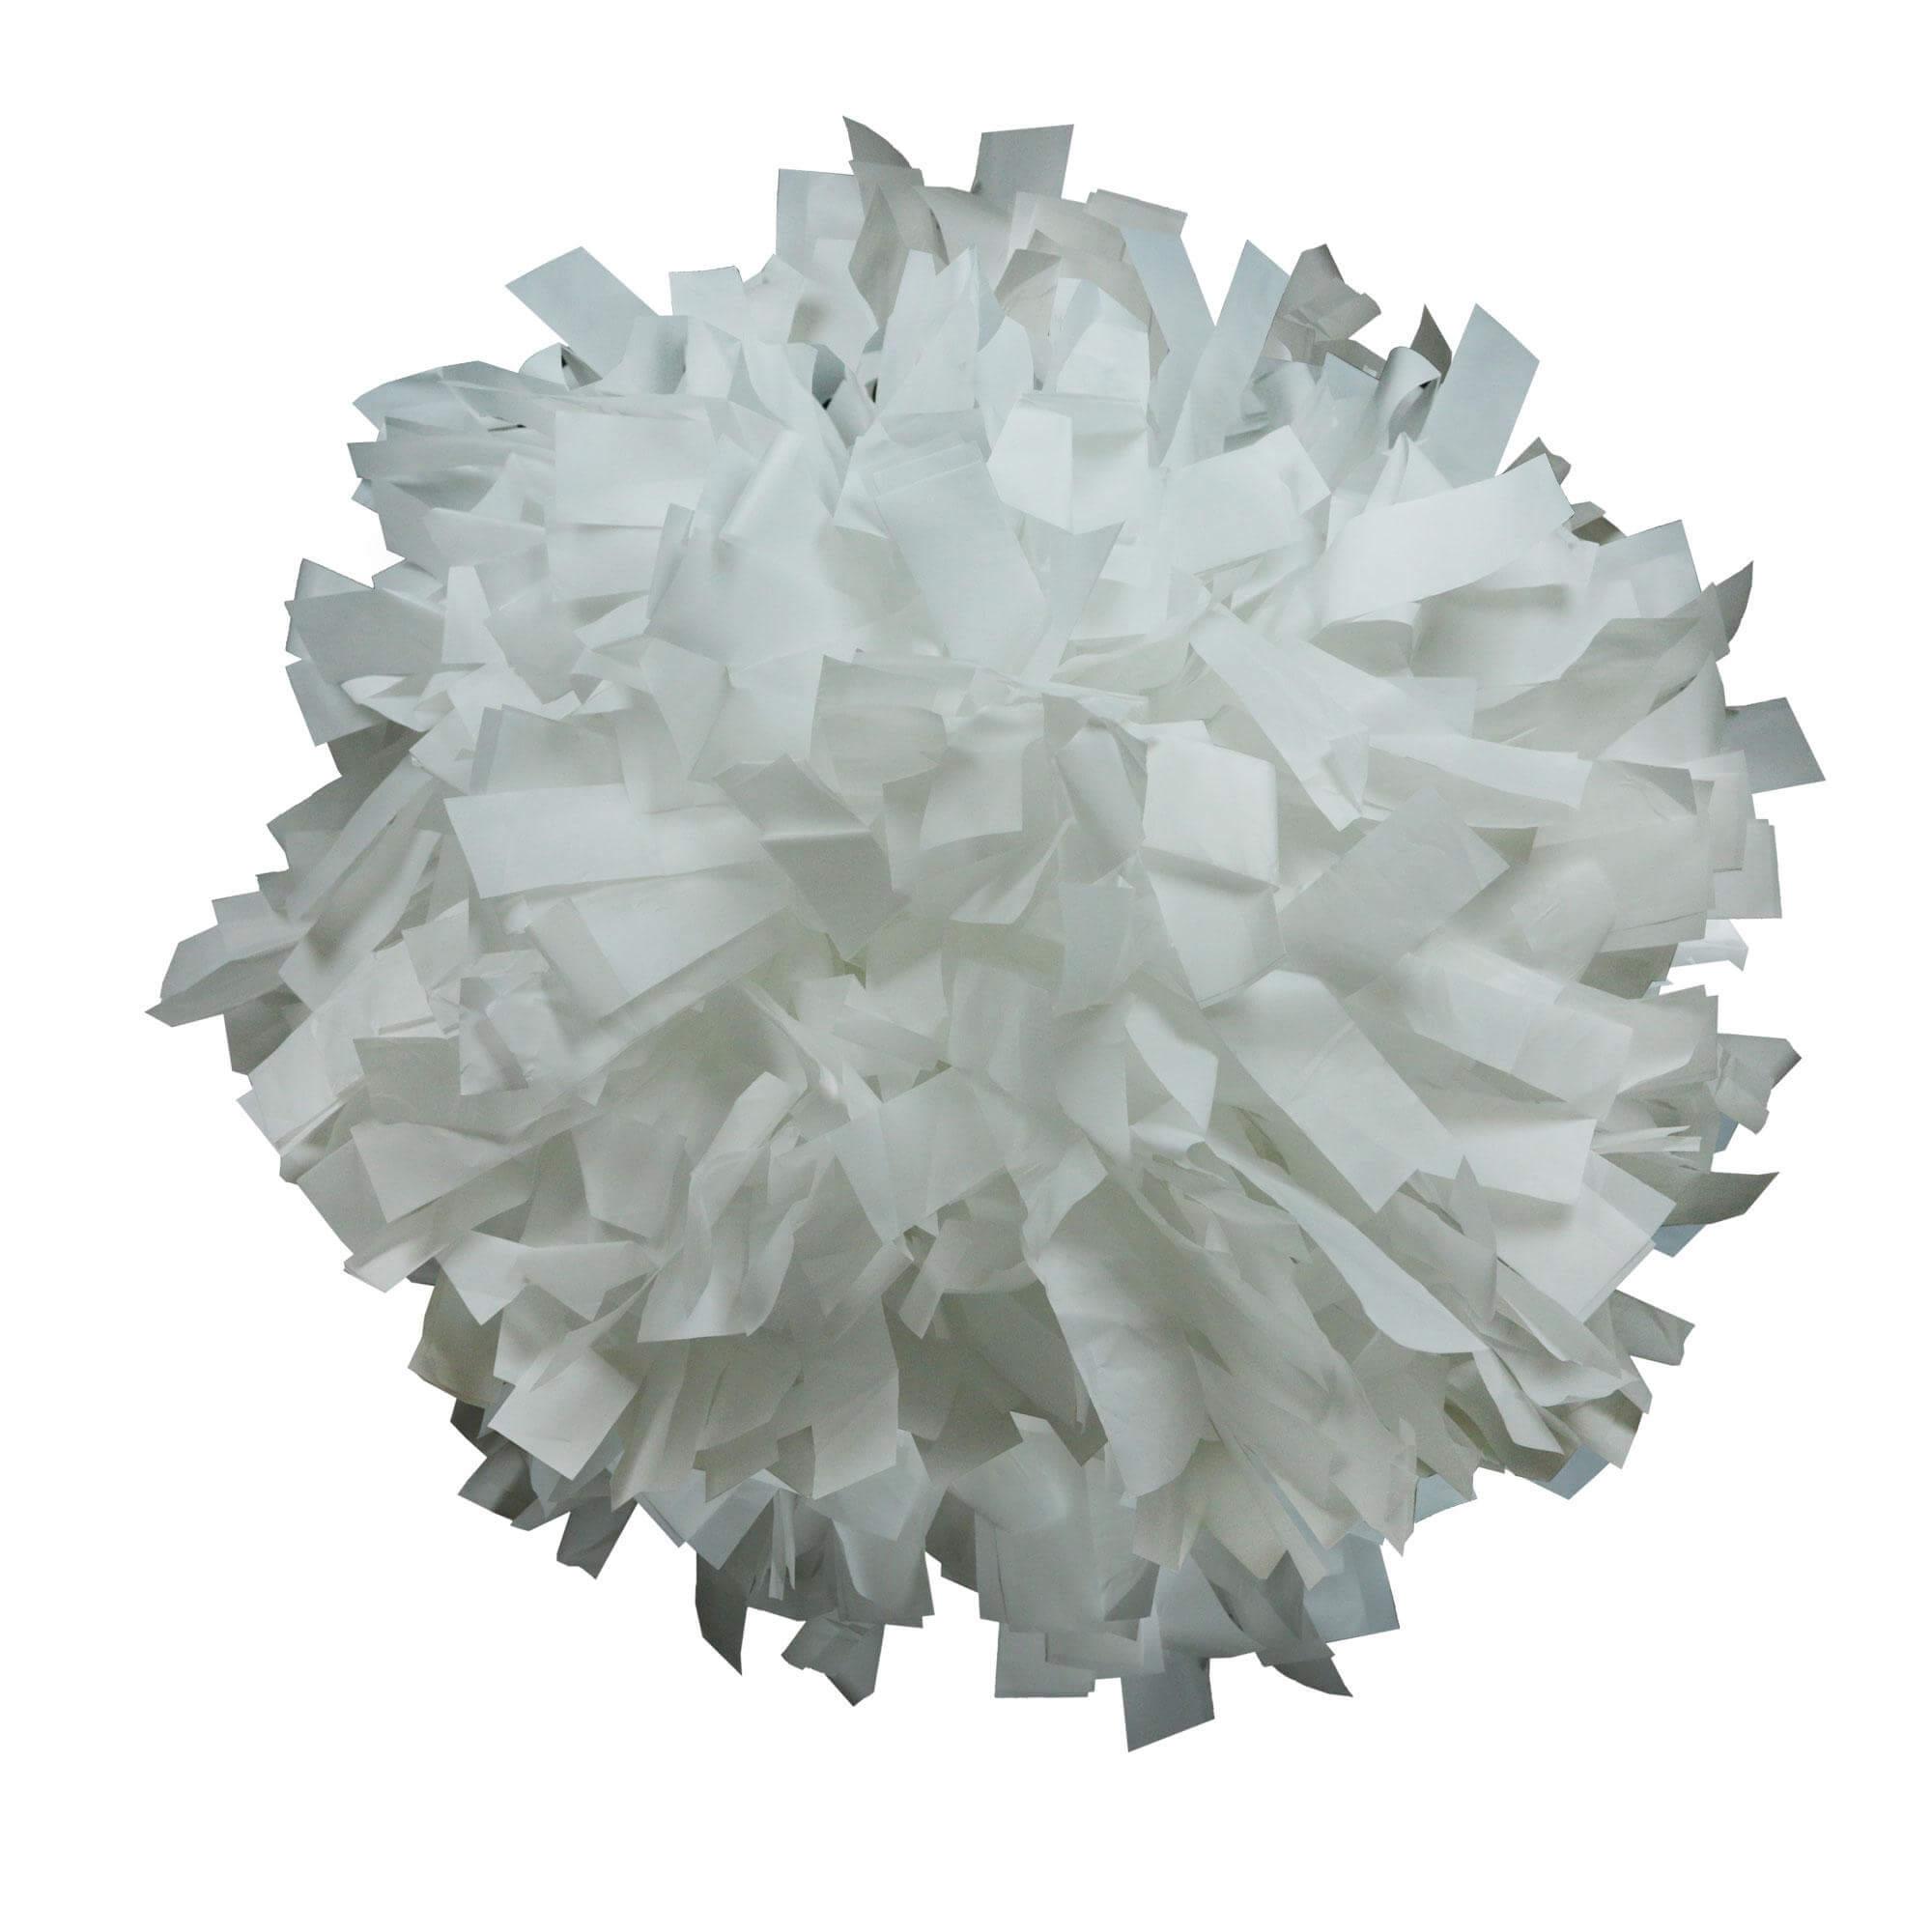 Danzcue White Plastic Poms